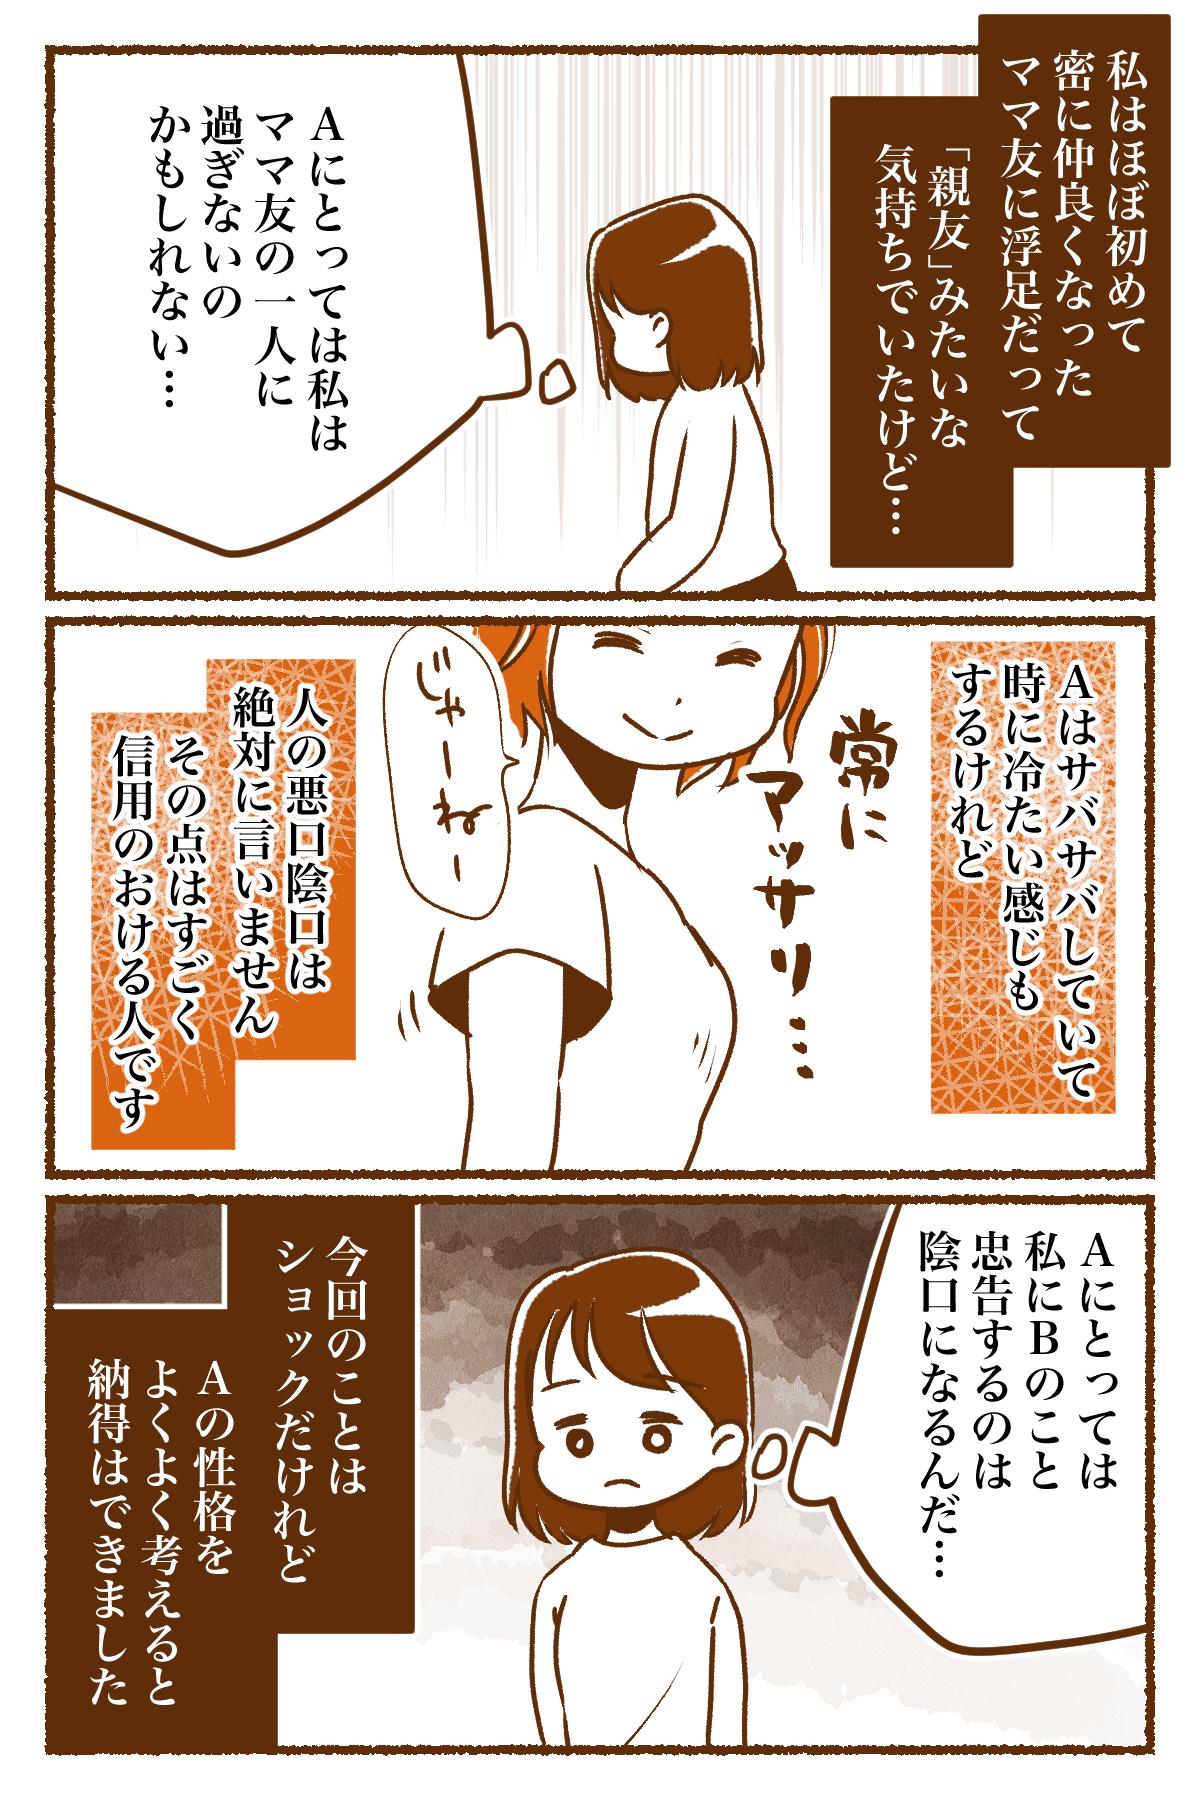 仲良しだと思っていた先輩ママ友_出力_003